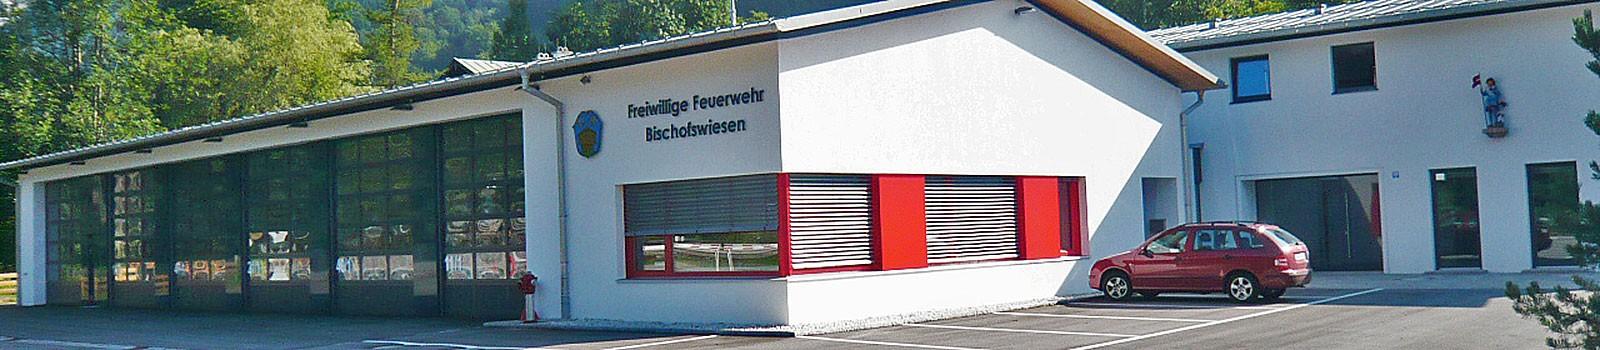 Feuerwehr-Bischofswiesen